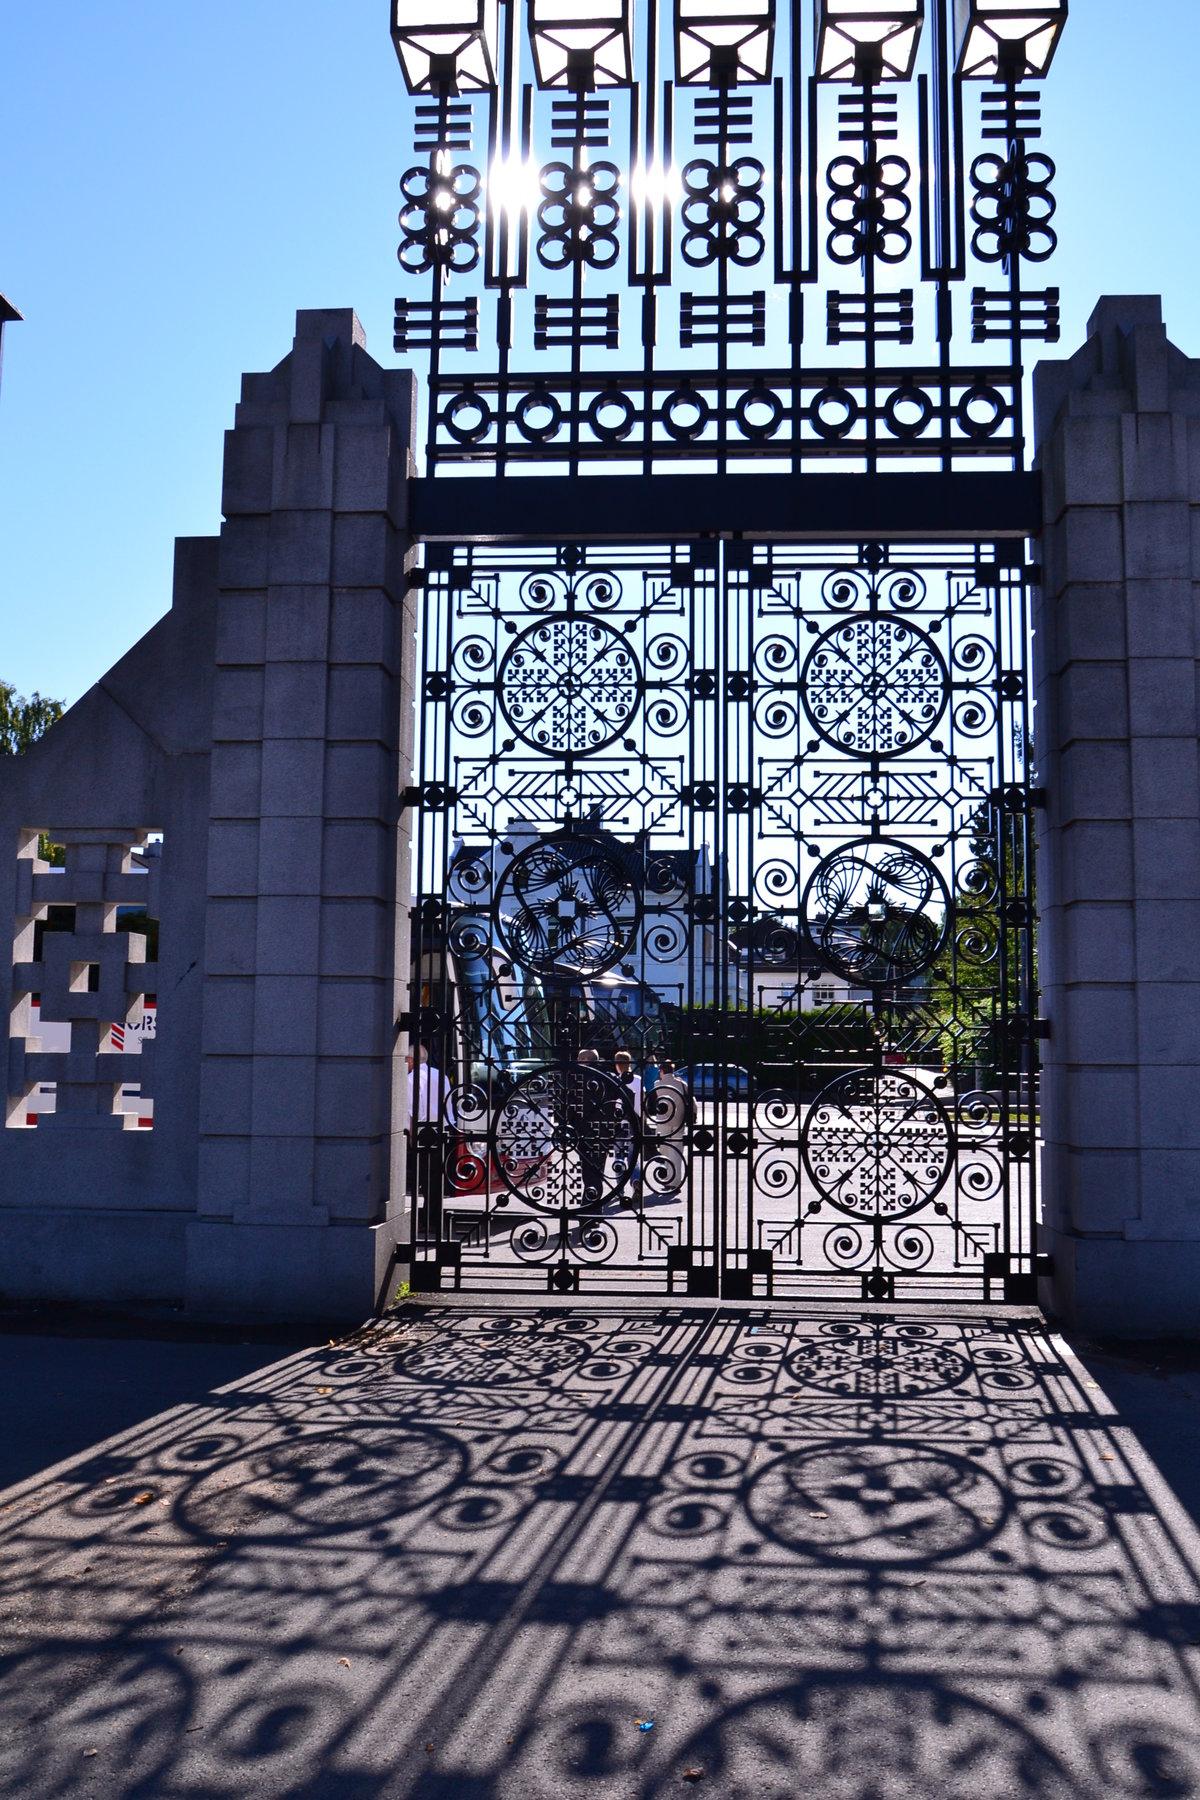 этом картинки ворота парка икэбукуро всех банкиров